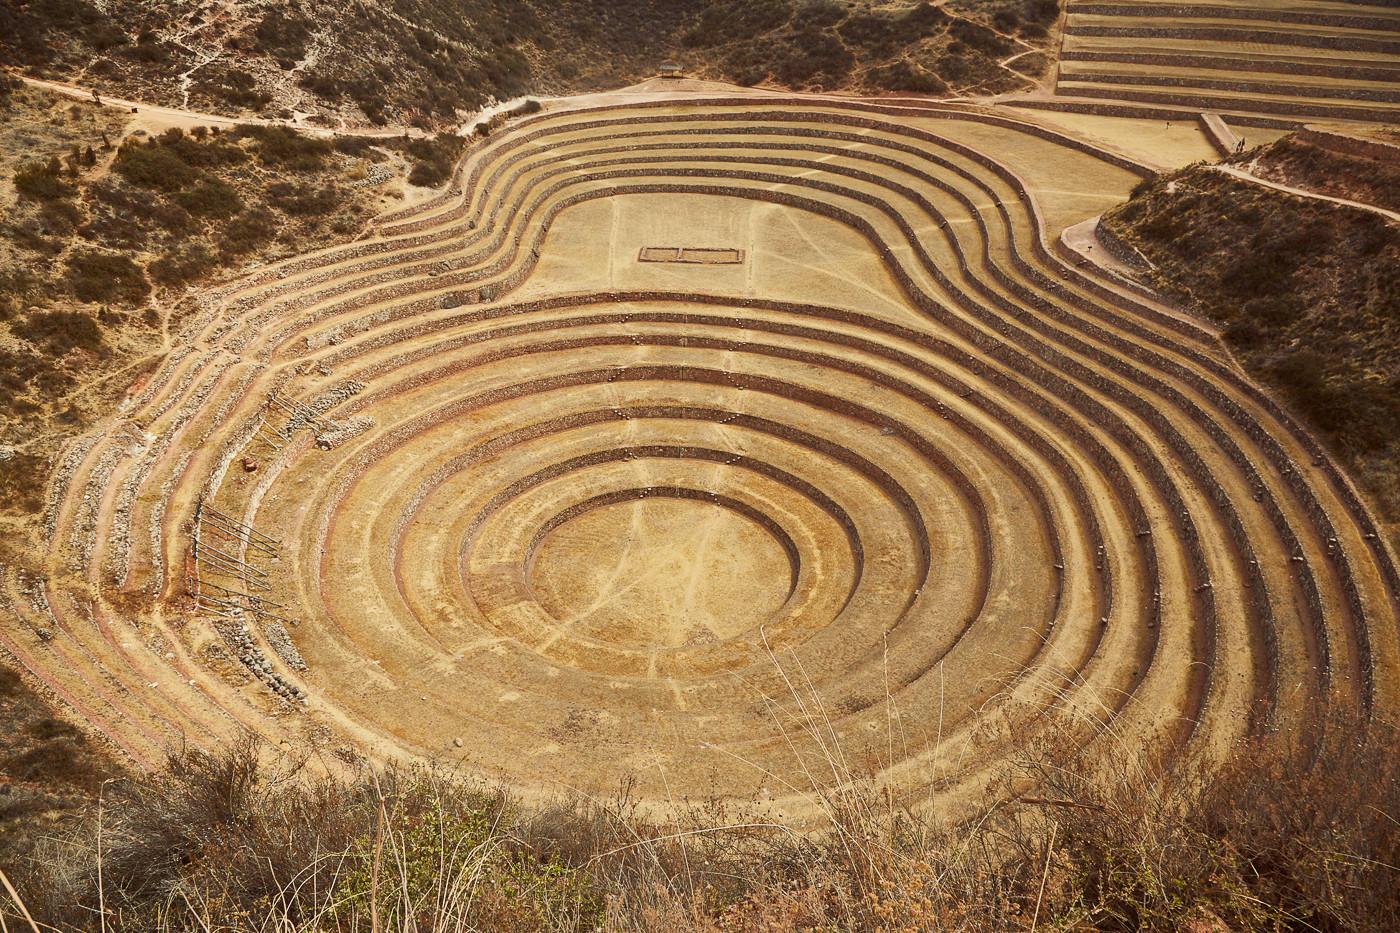 Peru ist so facettenreich und spannend! Die herzliche Kultur, gemischt mit der spannenden Geschichte und den greifbaren Ruinen und Hinterlassenschaften der Inka